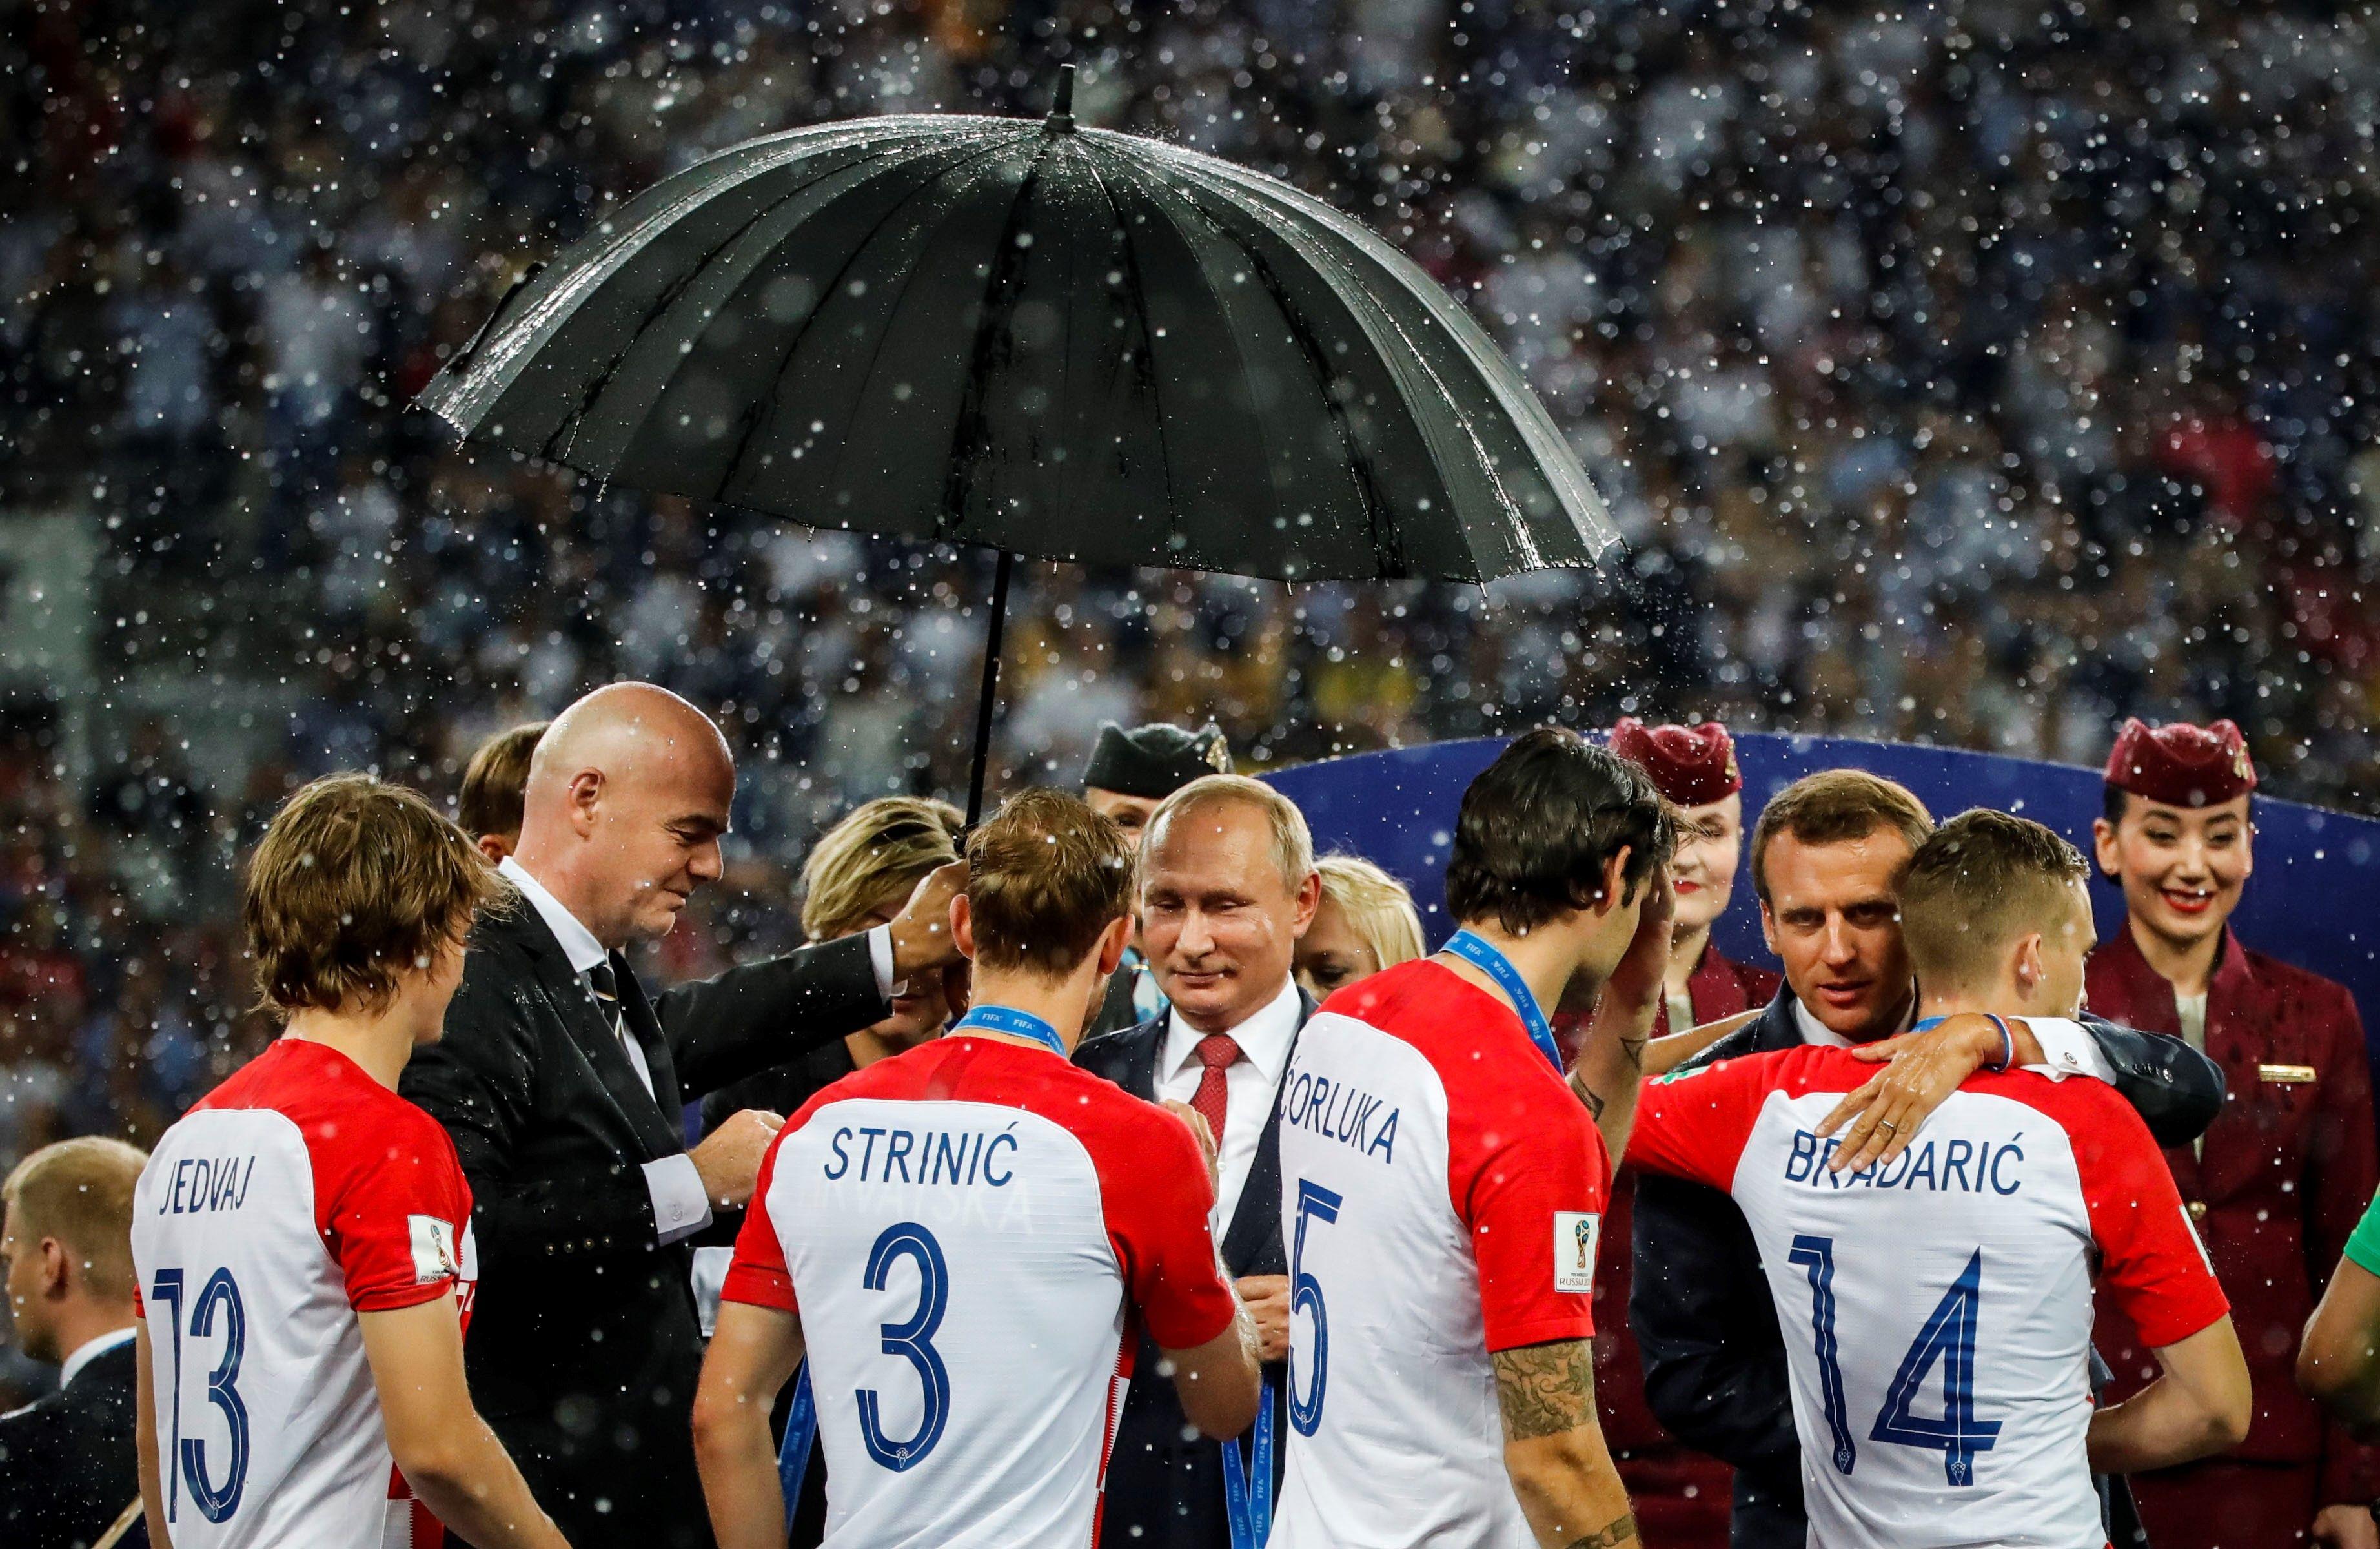 Lângă Vladimir Putin, Emmanuel Macron, Kolinda Grabar-Kitarović și Gianni Infantino suportă cu stoicism ploaia torențială.